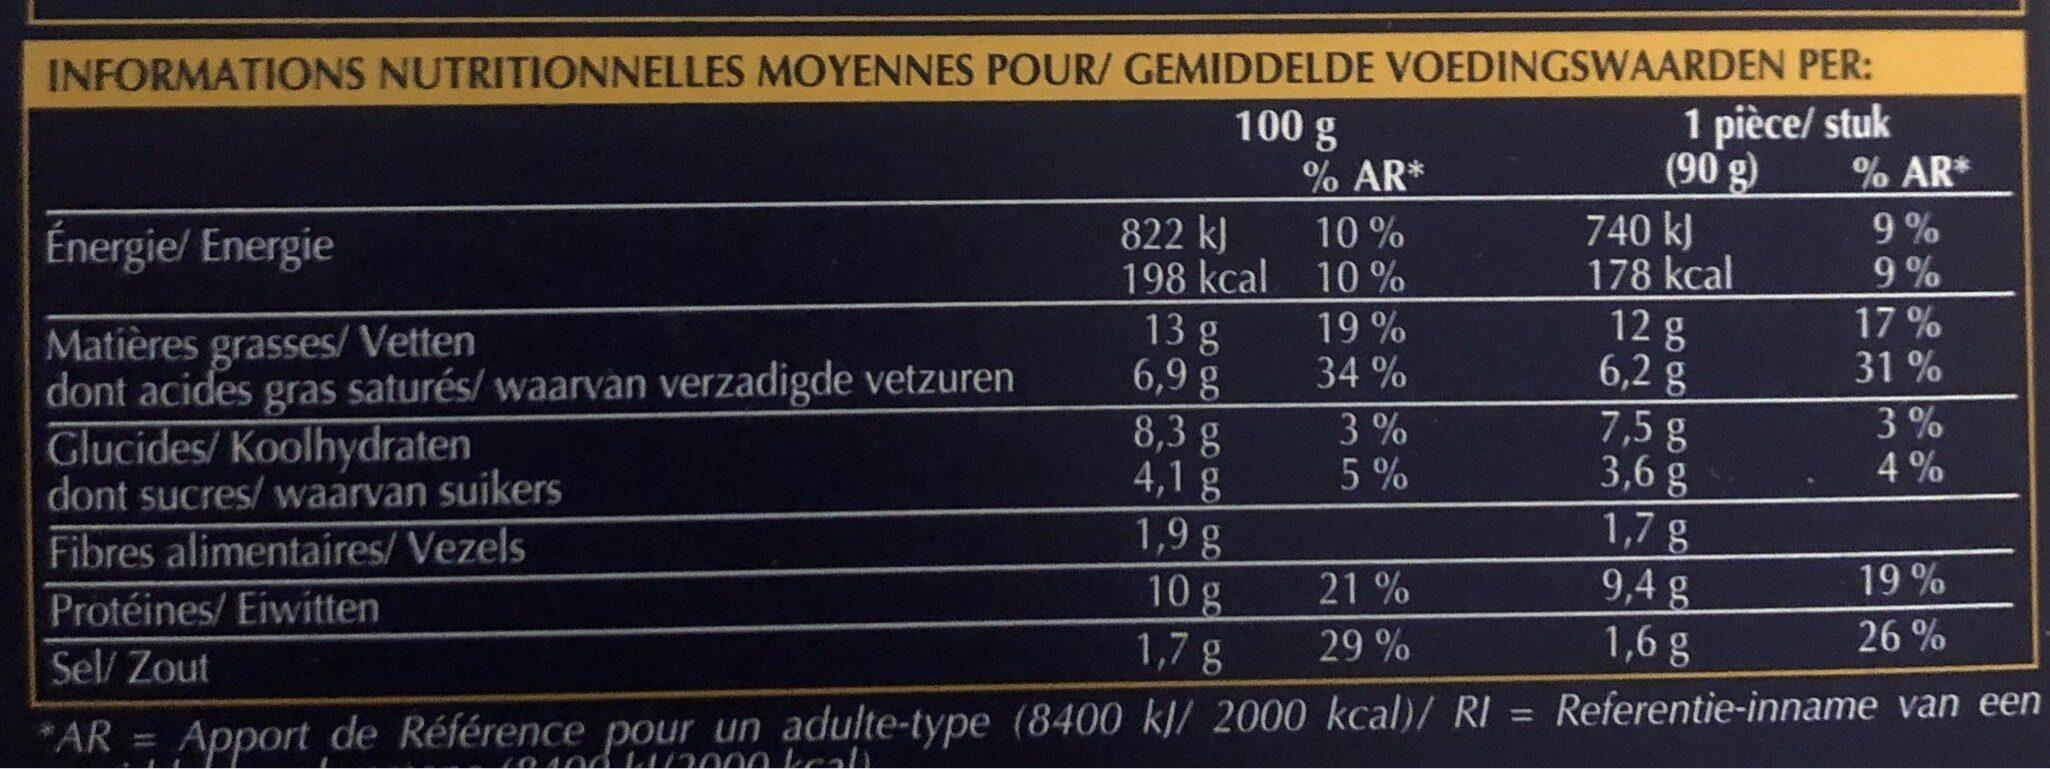 2 Entrées au saumon Gravlax - Informations nutritionnelles - fr